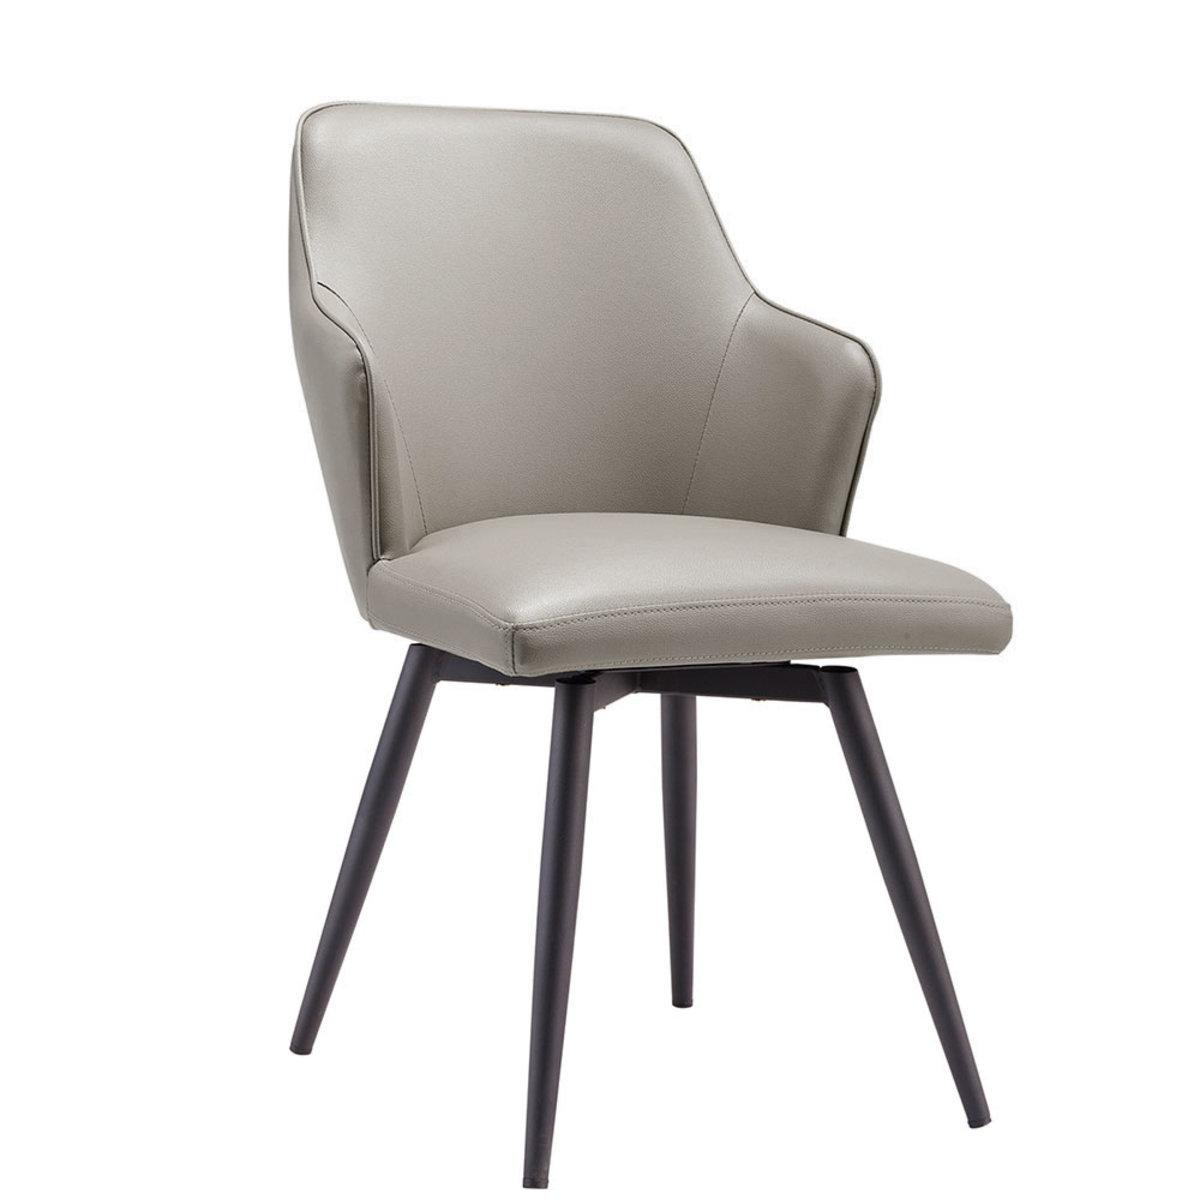 180度旋轉 仿皮餐椅 (灰色+黑沙鐵腳)